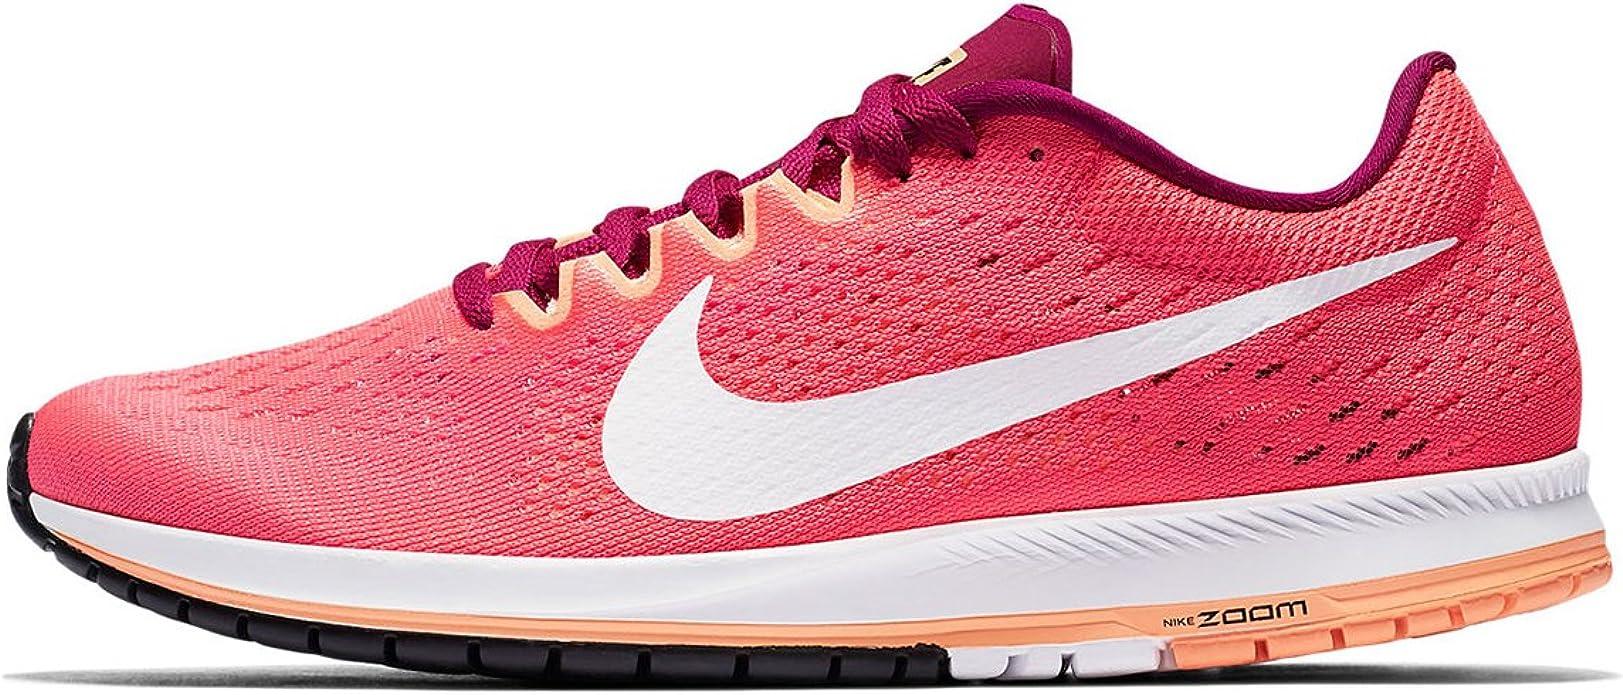 靴 ナイキ ピンク